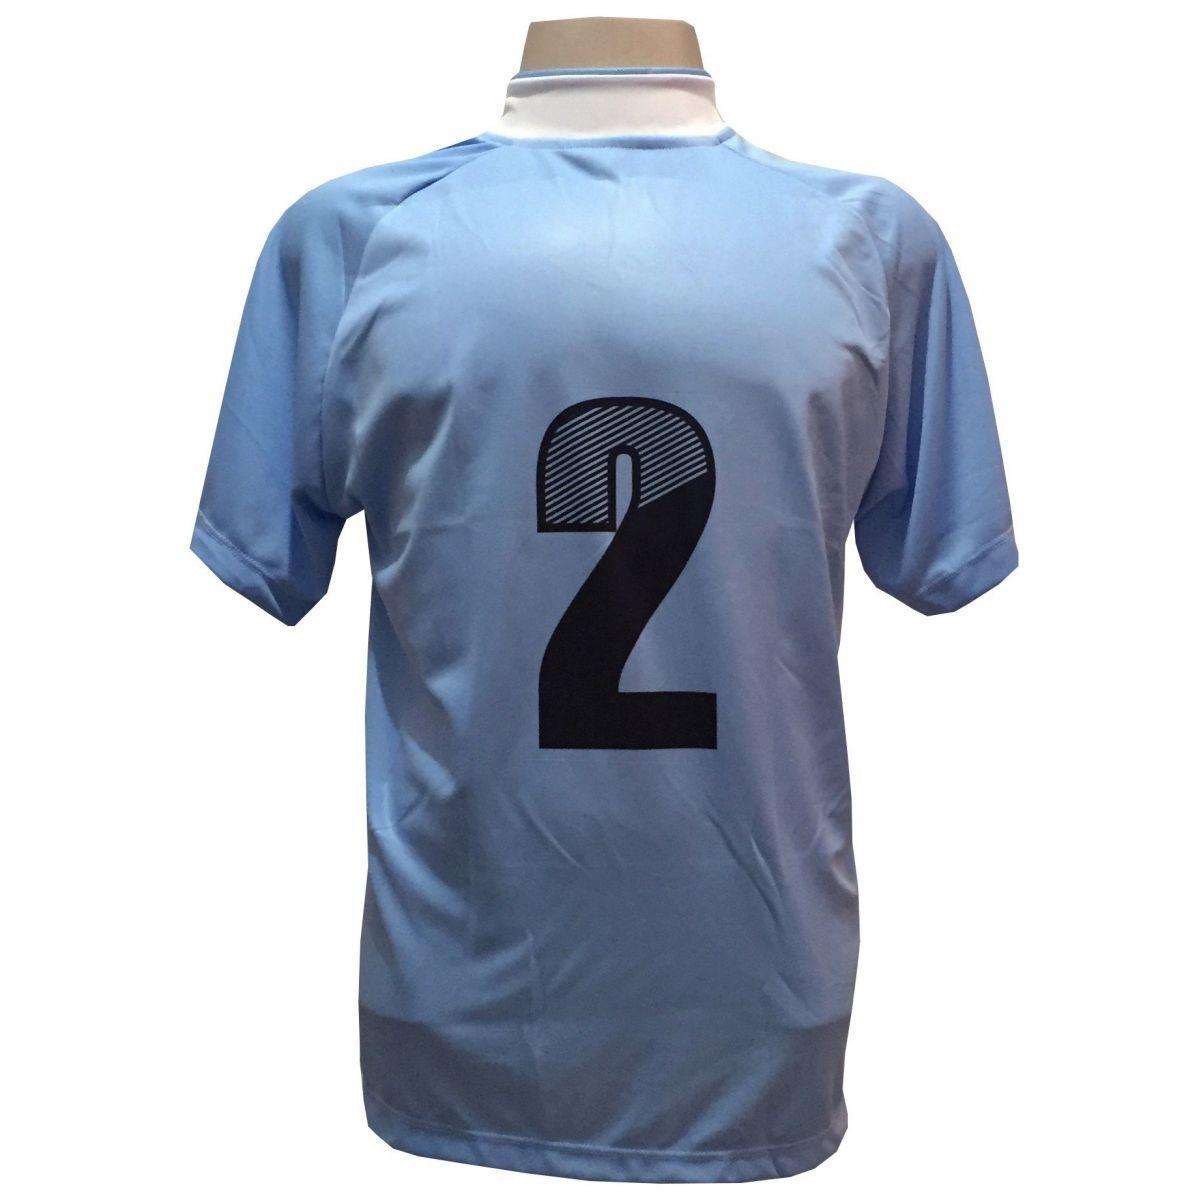 Uniforme Esportivo com 18 Camisas modelo Milan Celeste/Branco + 18 Calções modelo Copa Preto/Branco